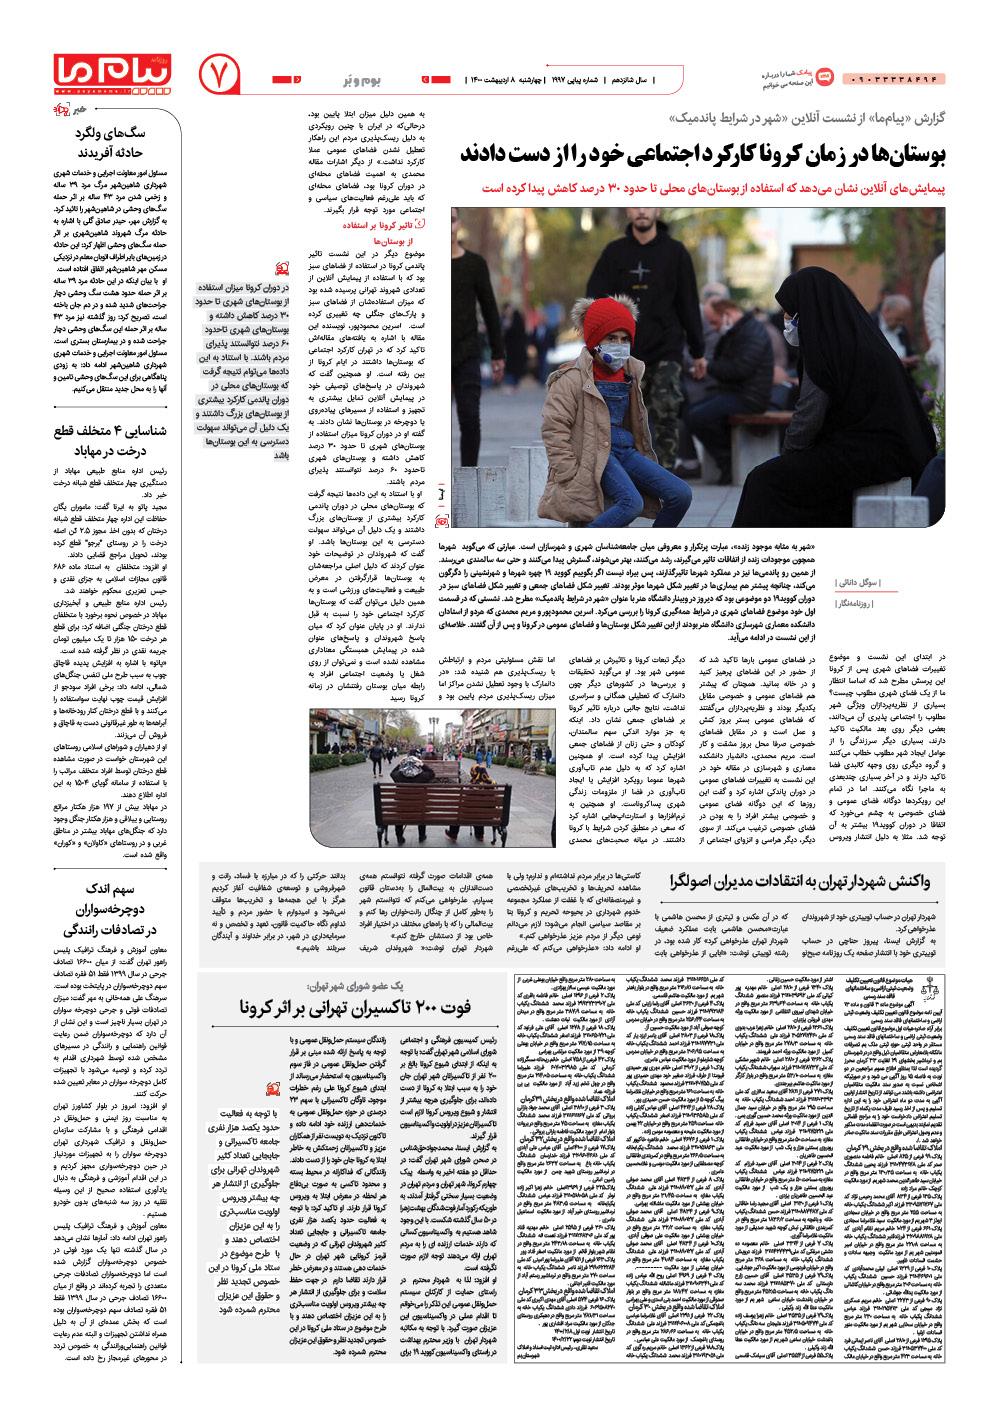 صفحه بوم و بَر شماره ۱۹۹۷ روزنامه پیام ما